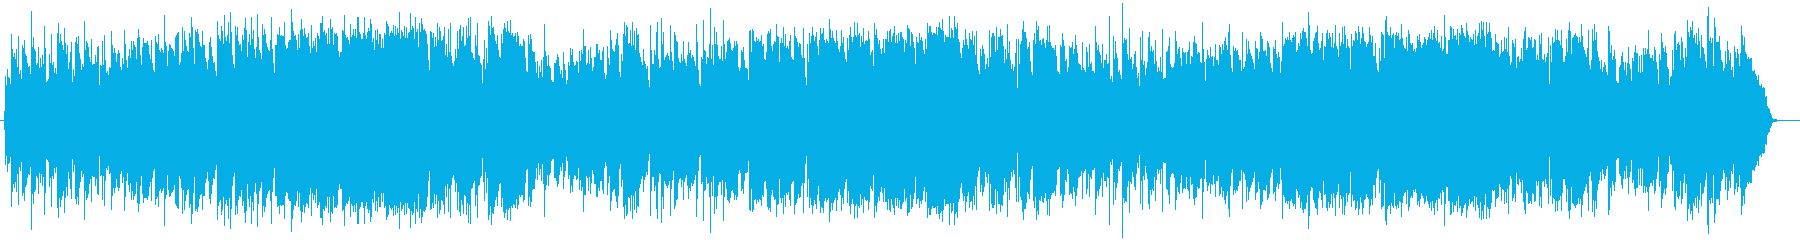 懐かしさのあるグループサウンド調の曲の再生済みの波形